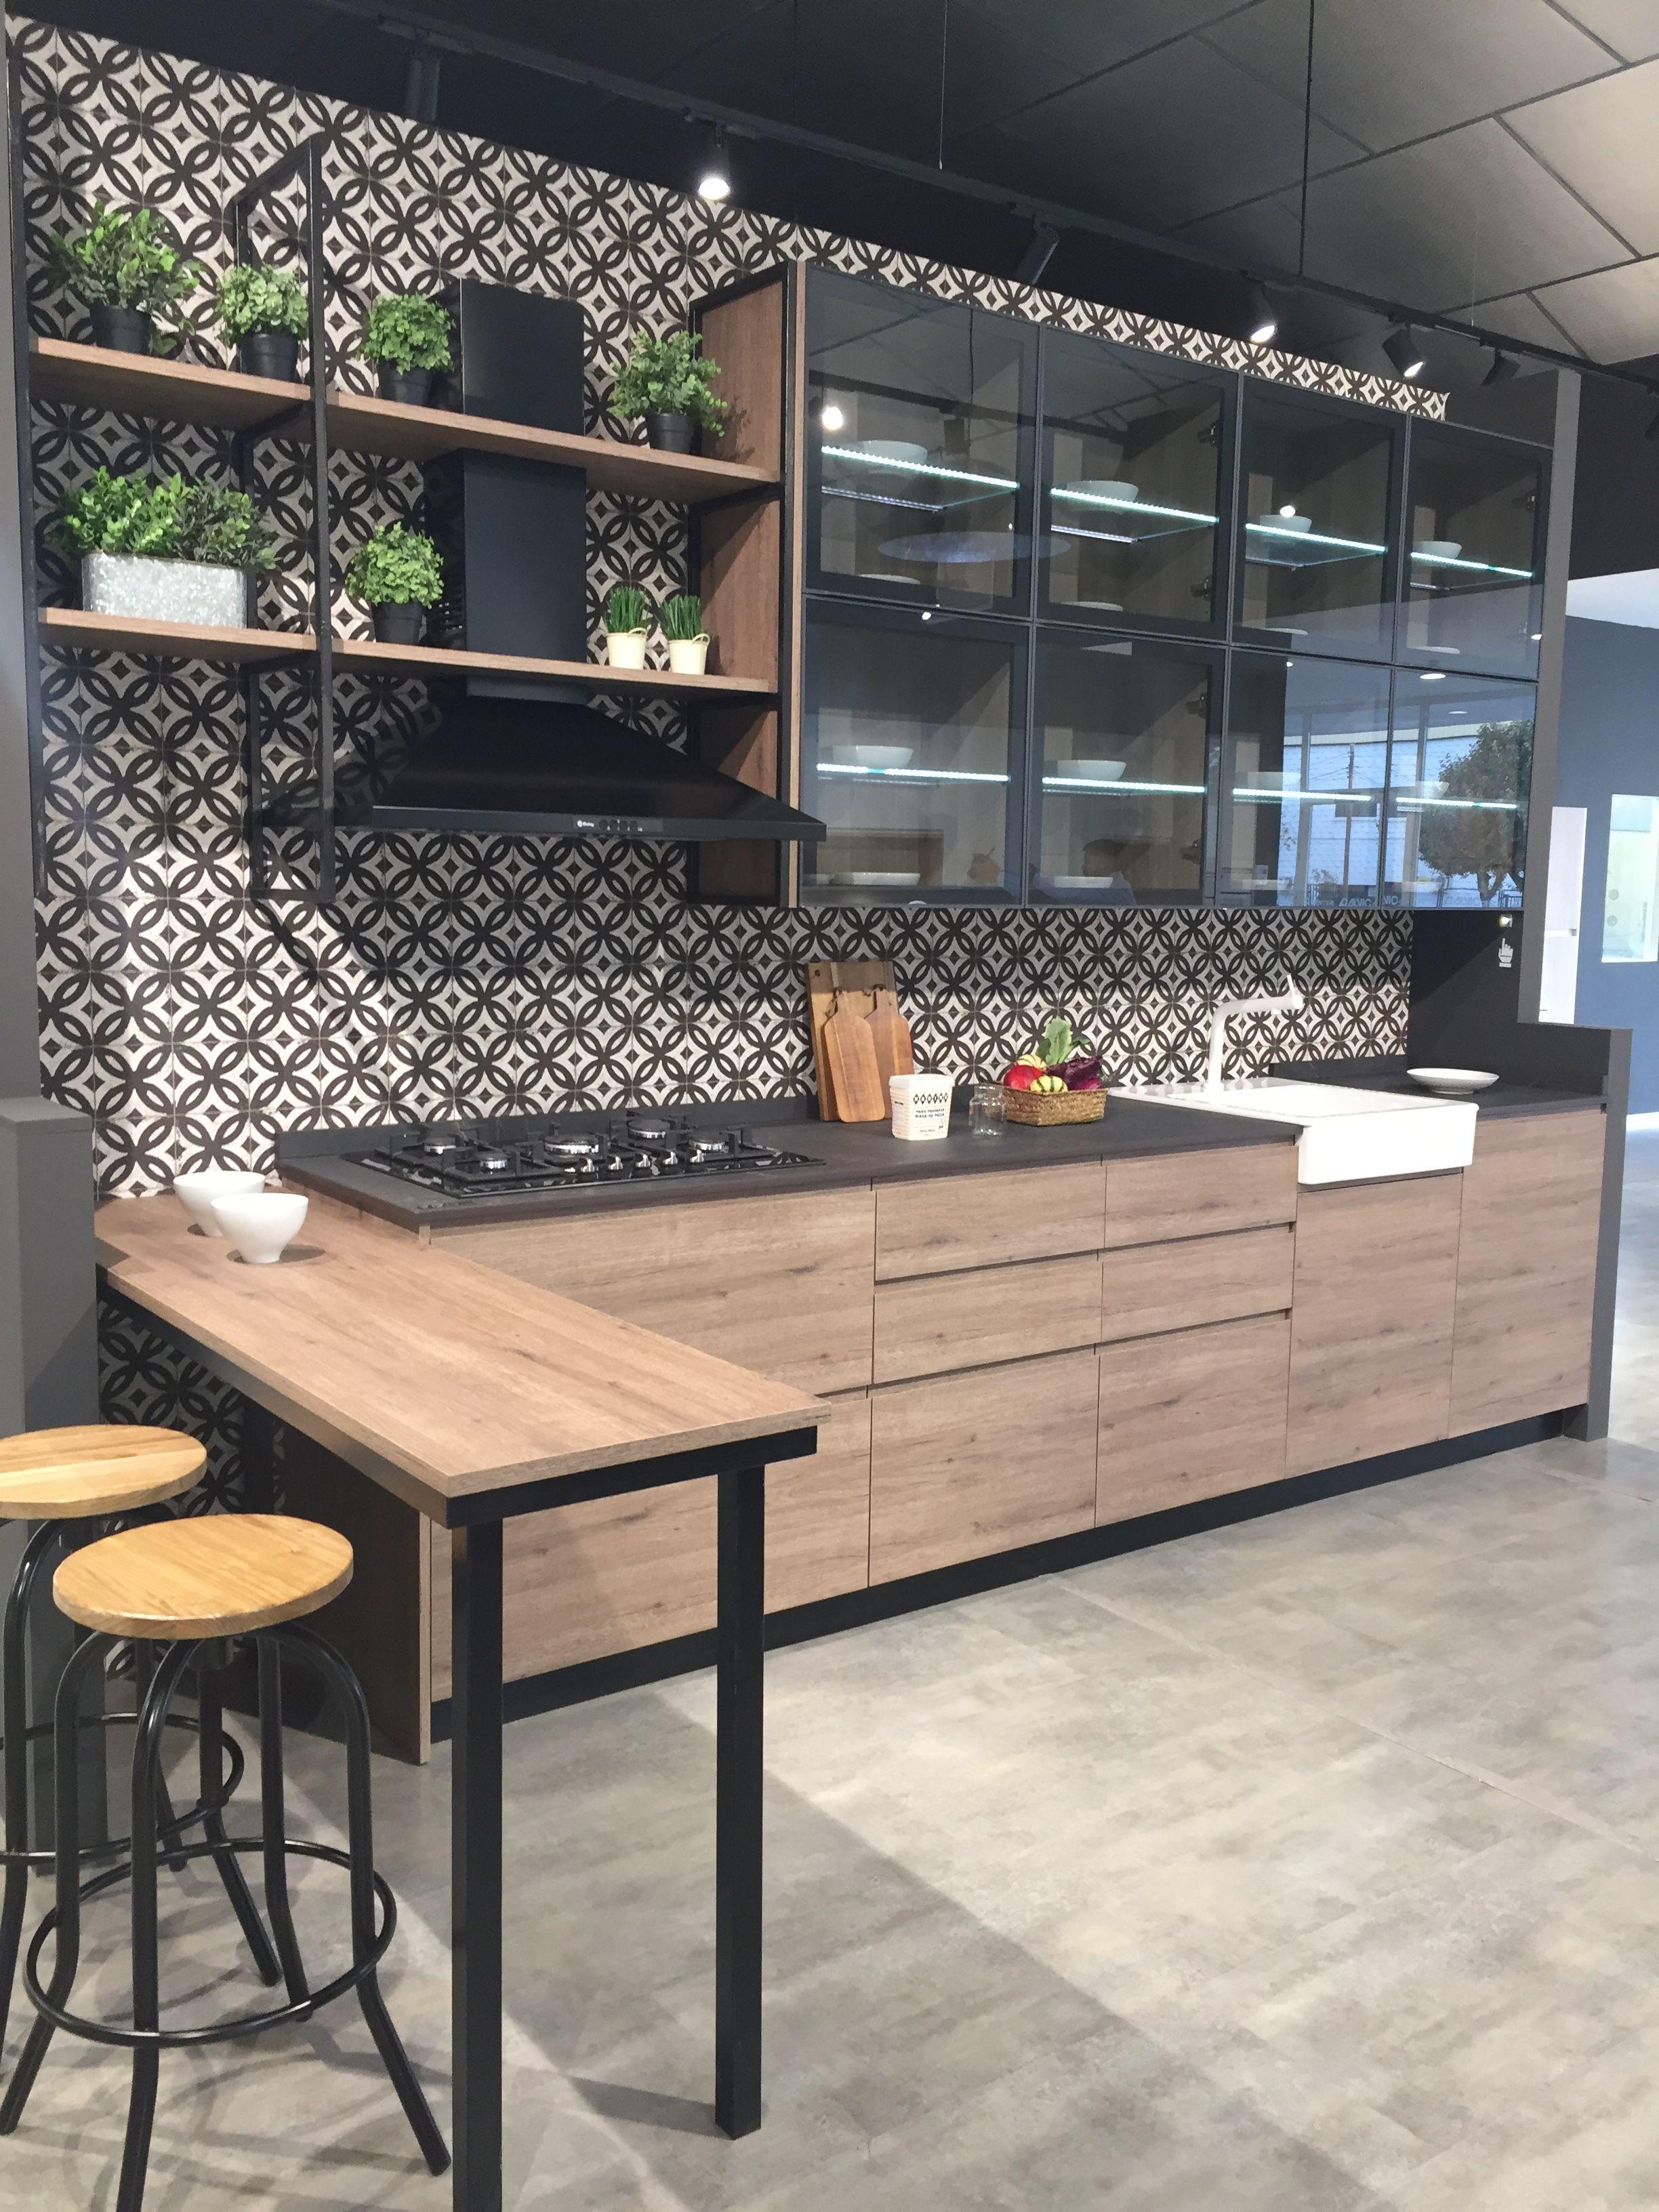 Proyectos de Cocinas On Line en 2020 | Diseño muebles de ...